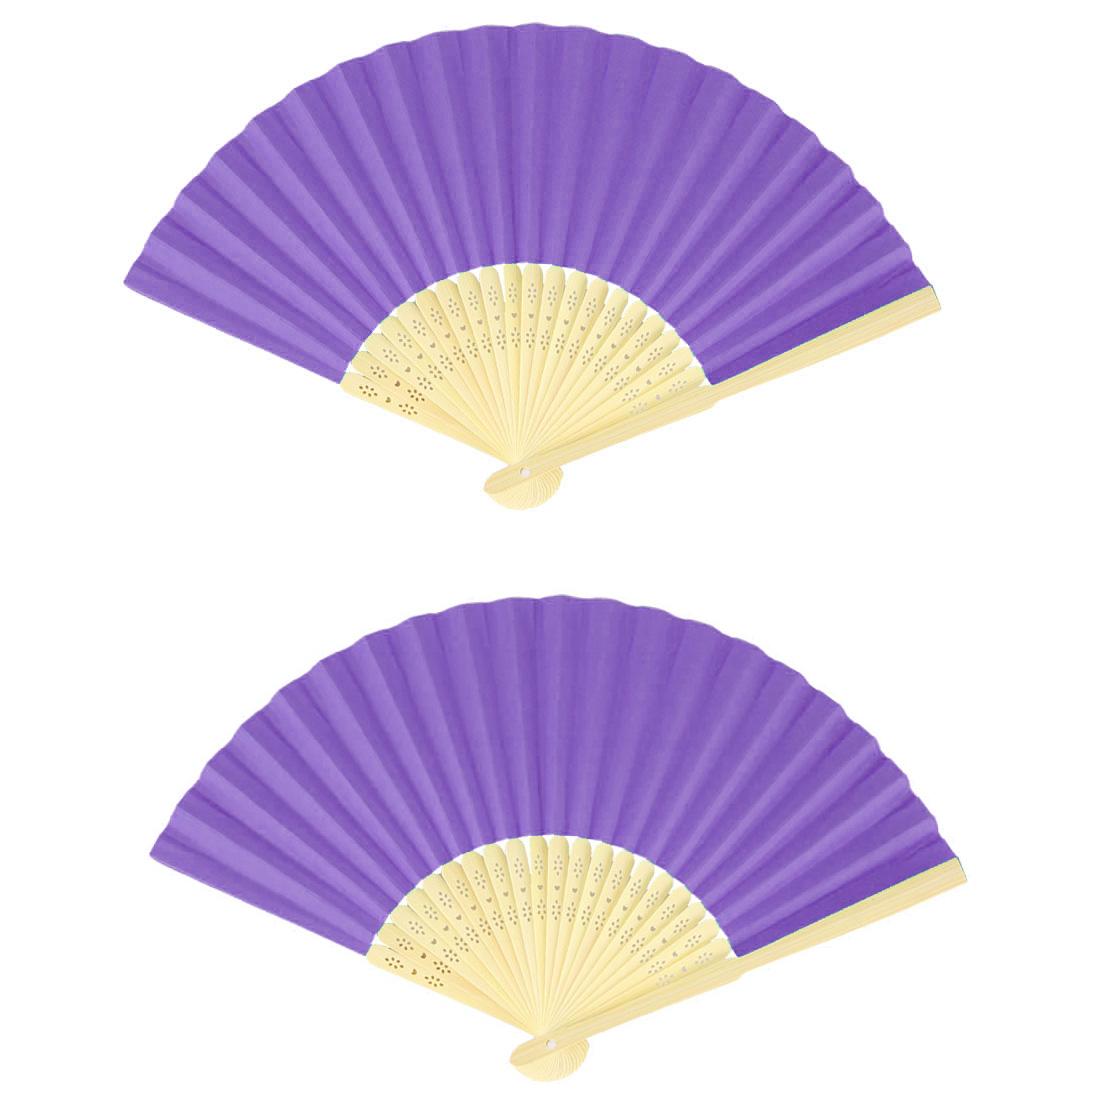 Wooden Frame Wedding Party Dancing Folding Hand Fan Purple 2 Pcs